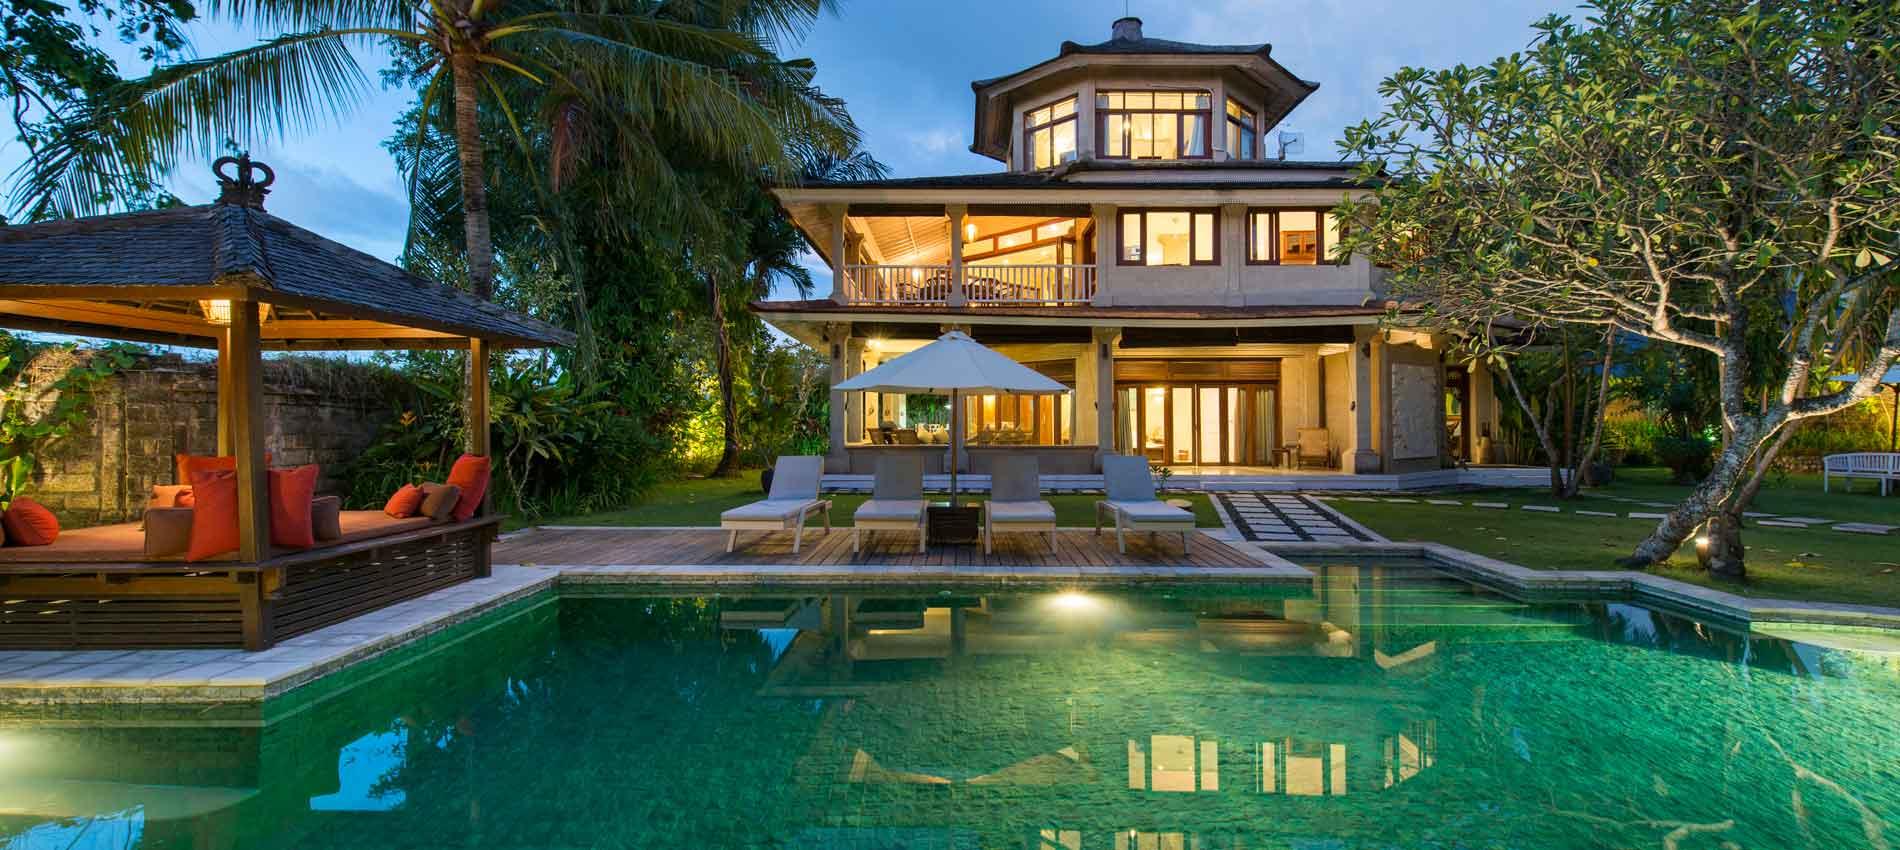 Bali Villa Accommodation Bali Villas Private Bali Villas Luxury Bali Villas 2 3 4 5 Bedroom Bali Villas